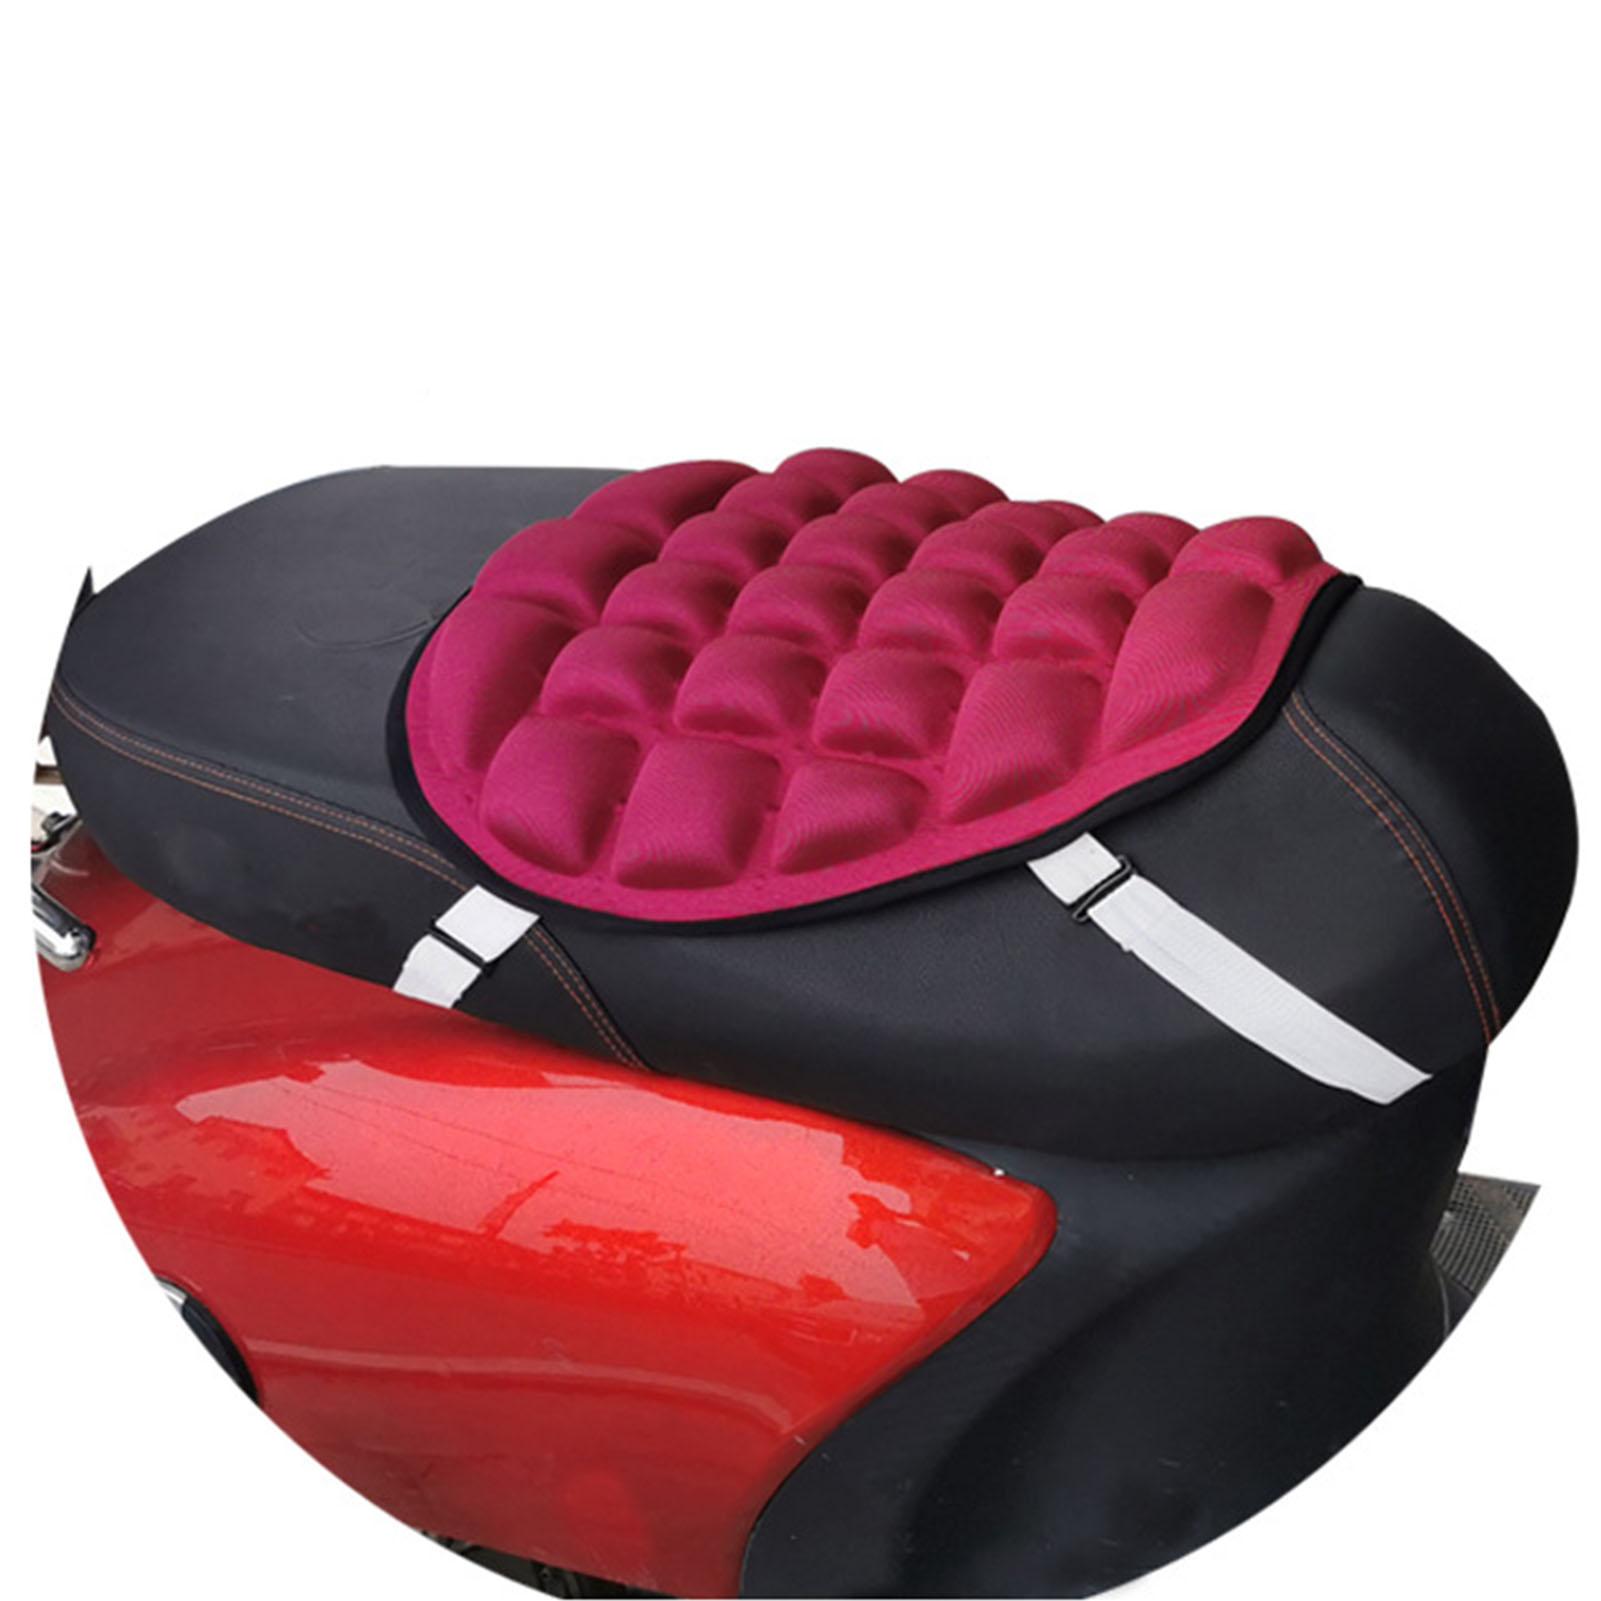 Motocykl fajne pokrycie siedzenia ochraniacz na fotel poduszka 3D Mesh obicia na poduszki poduszka powietrzna poduszka motocyklowa poduszka przeciwsłoneczna